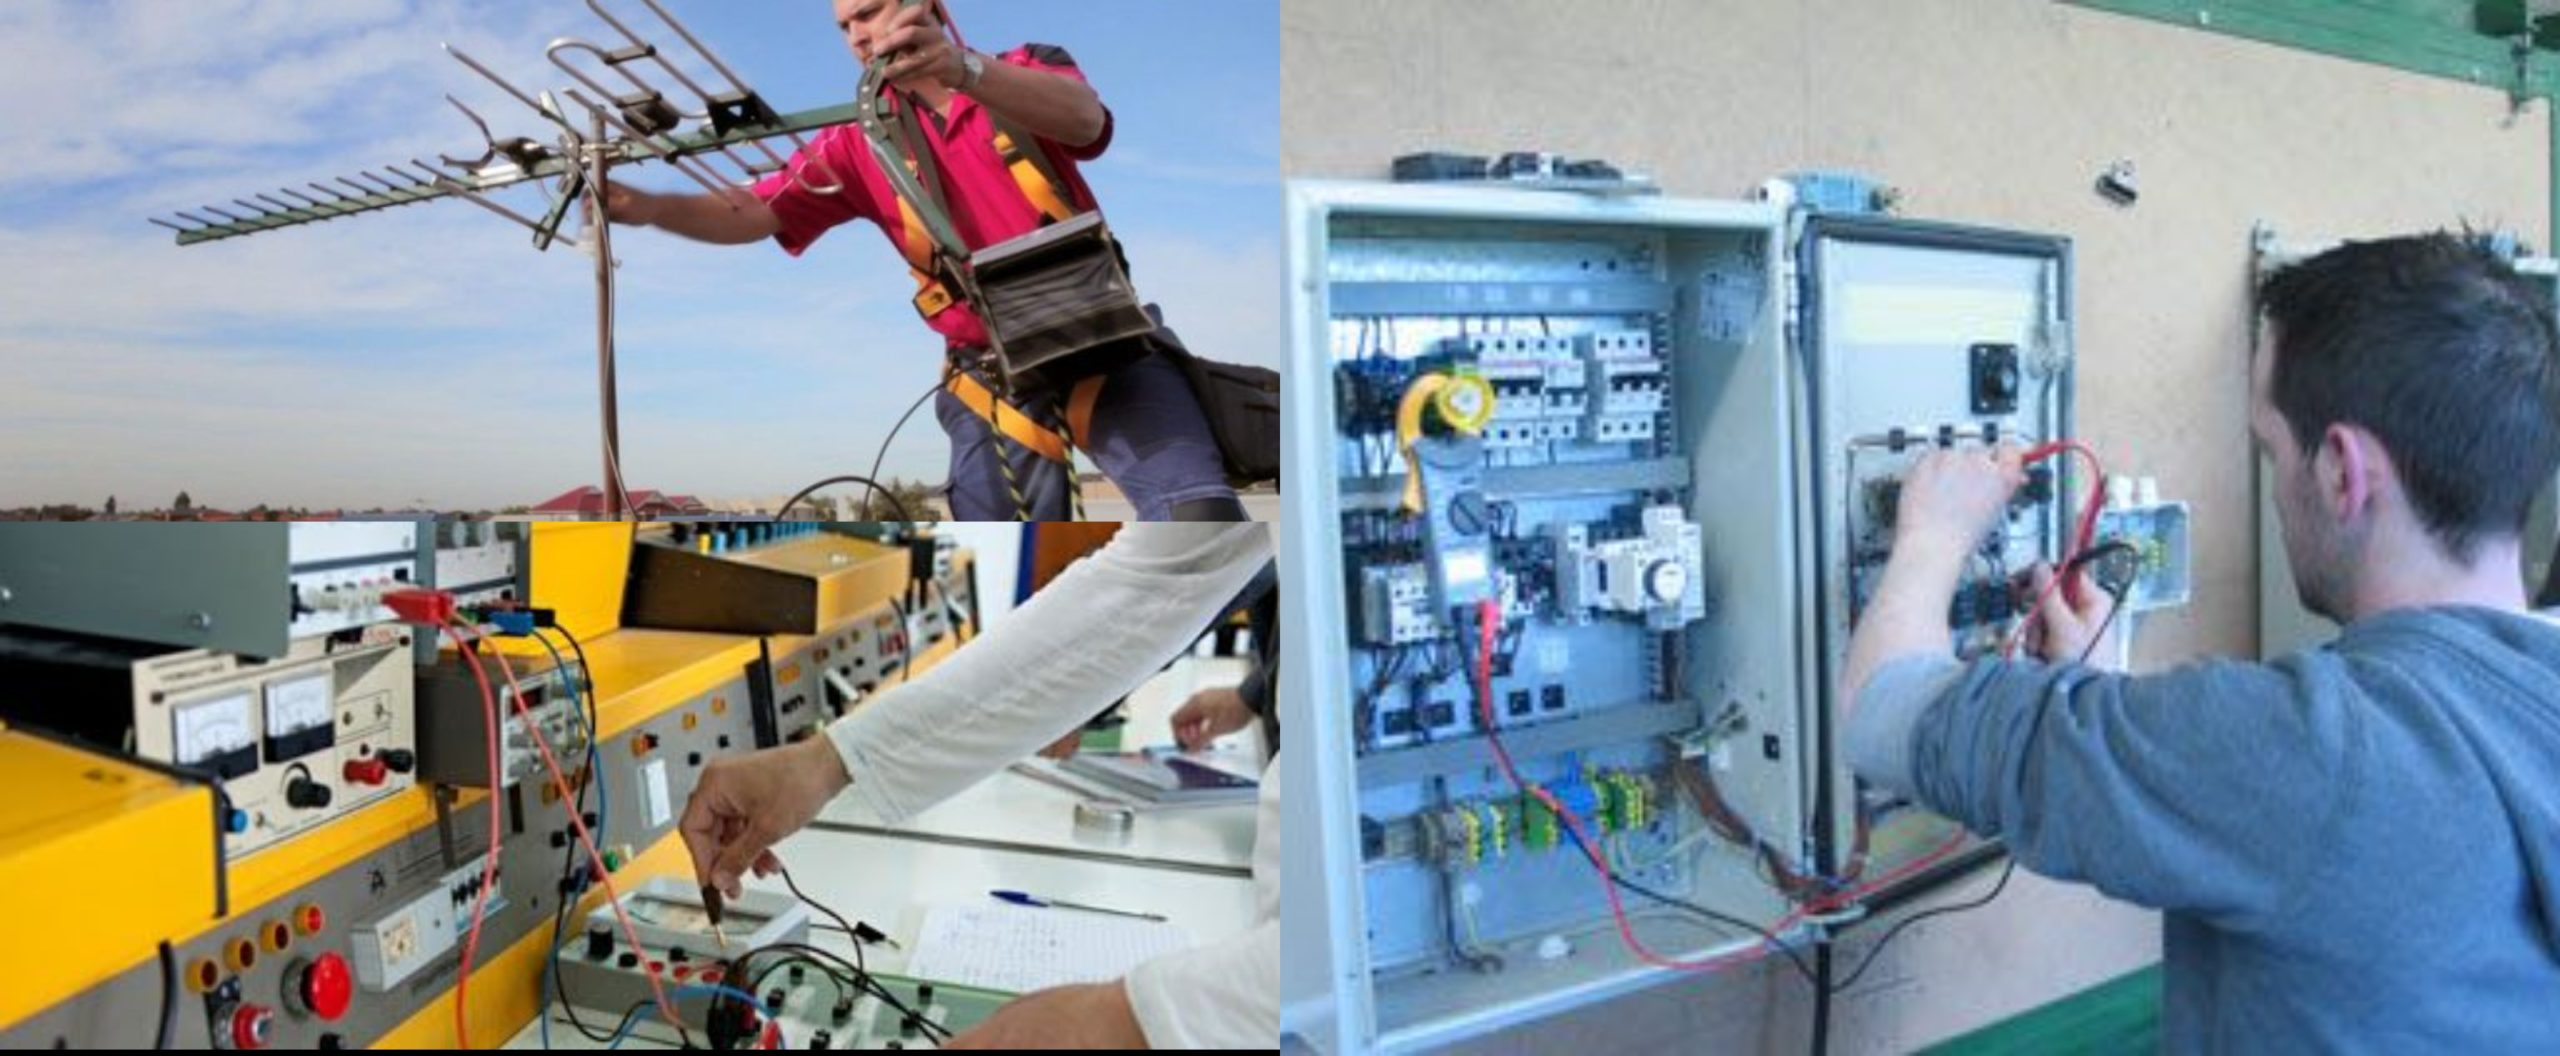 Τεχνικός Ηλεκτρολογικών Εγκαταστάσεων, Συστημάτων & Δικτύων